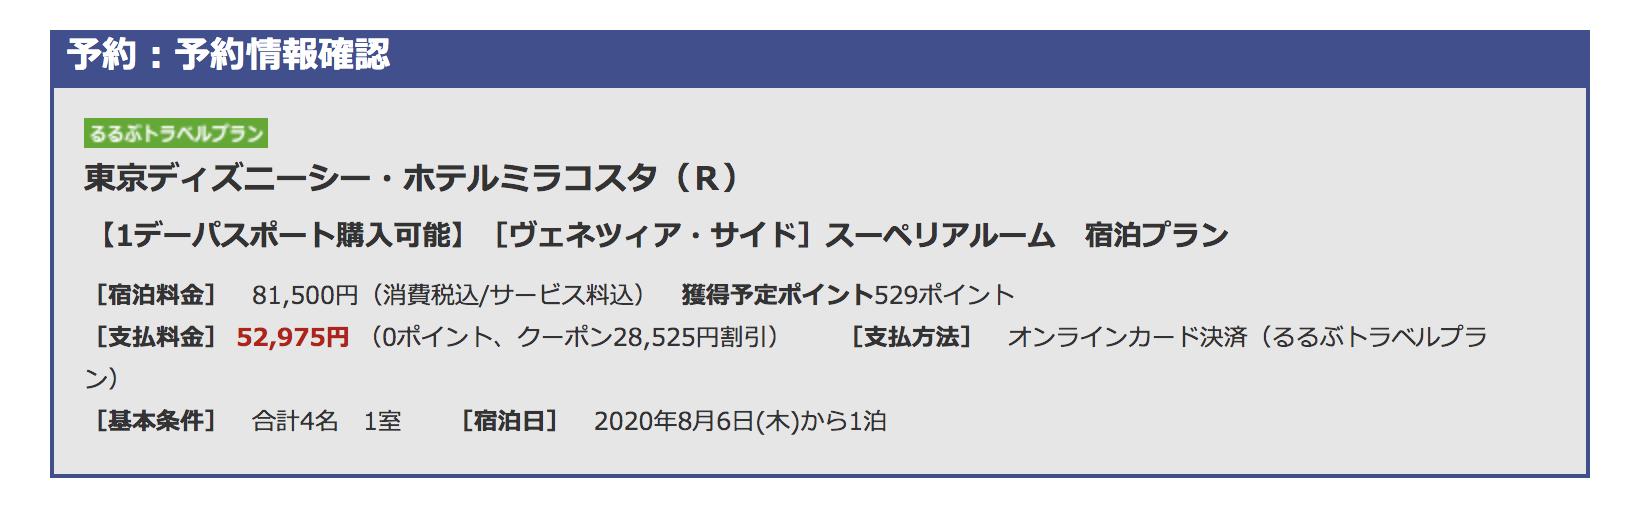 東京ディズニーシー・ホテルミラコスタ|GoToトラベルキャンペーン対象の宿泊予約決済画面